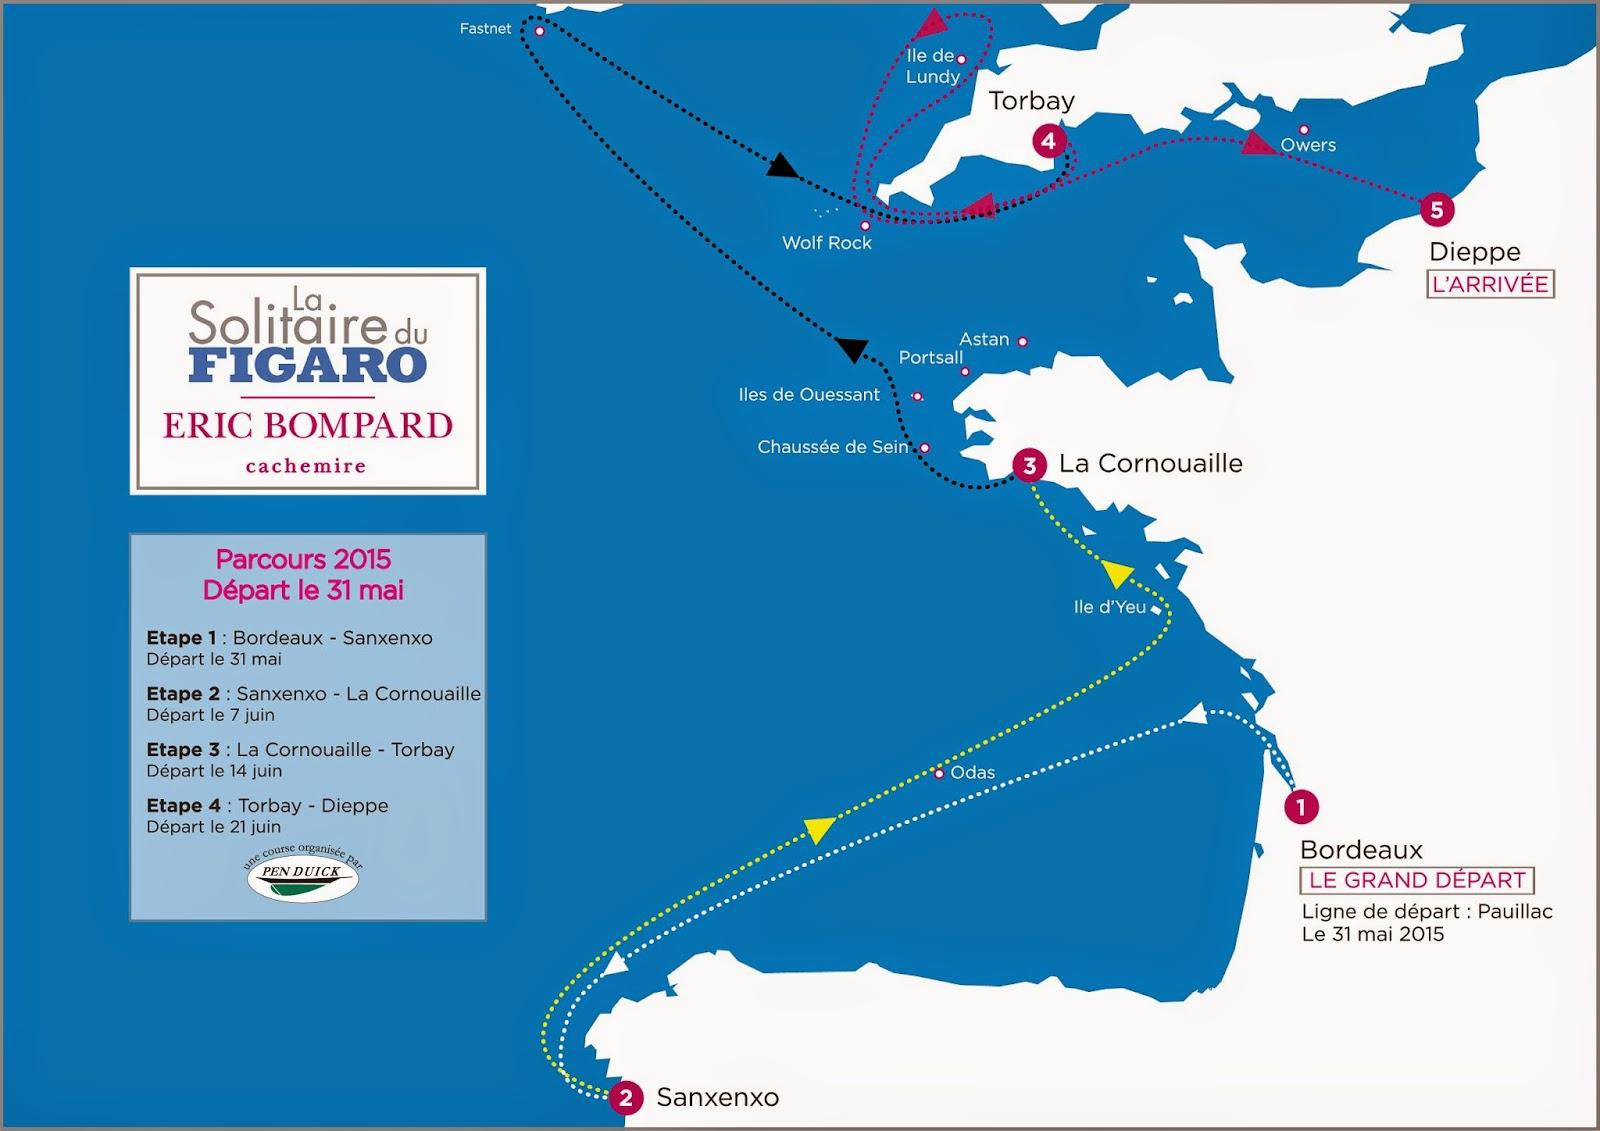 Parcours de la Solitaire du Figaro 2015